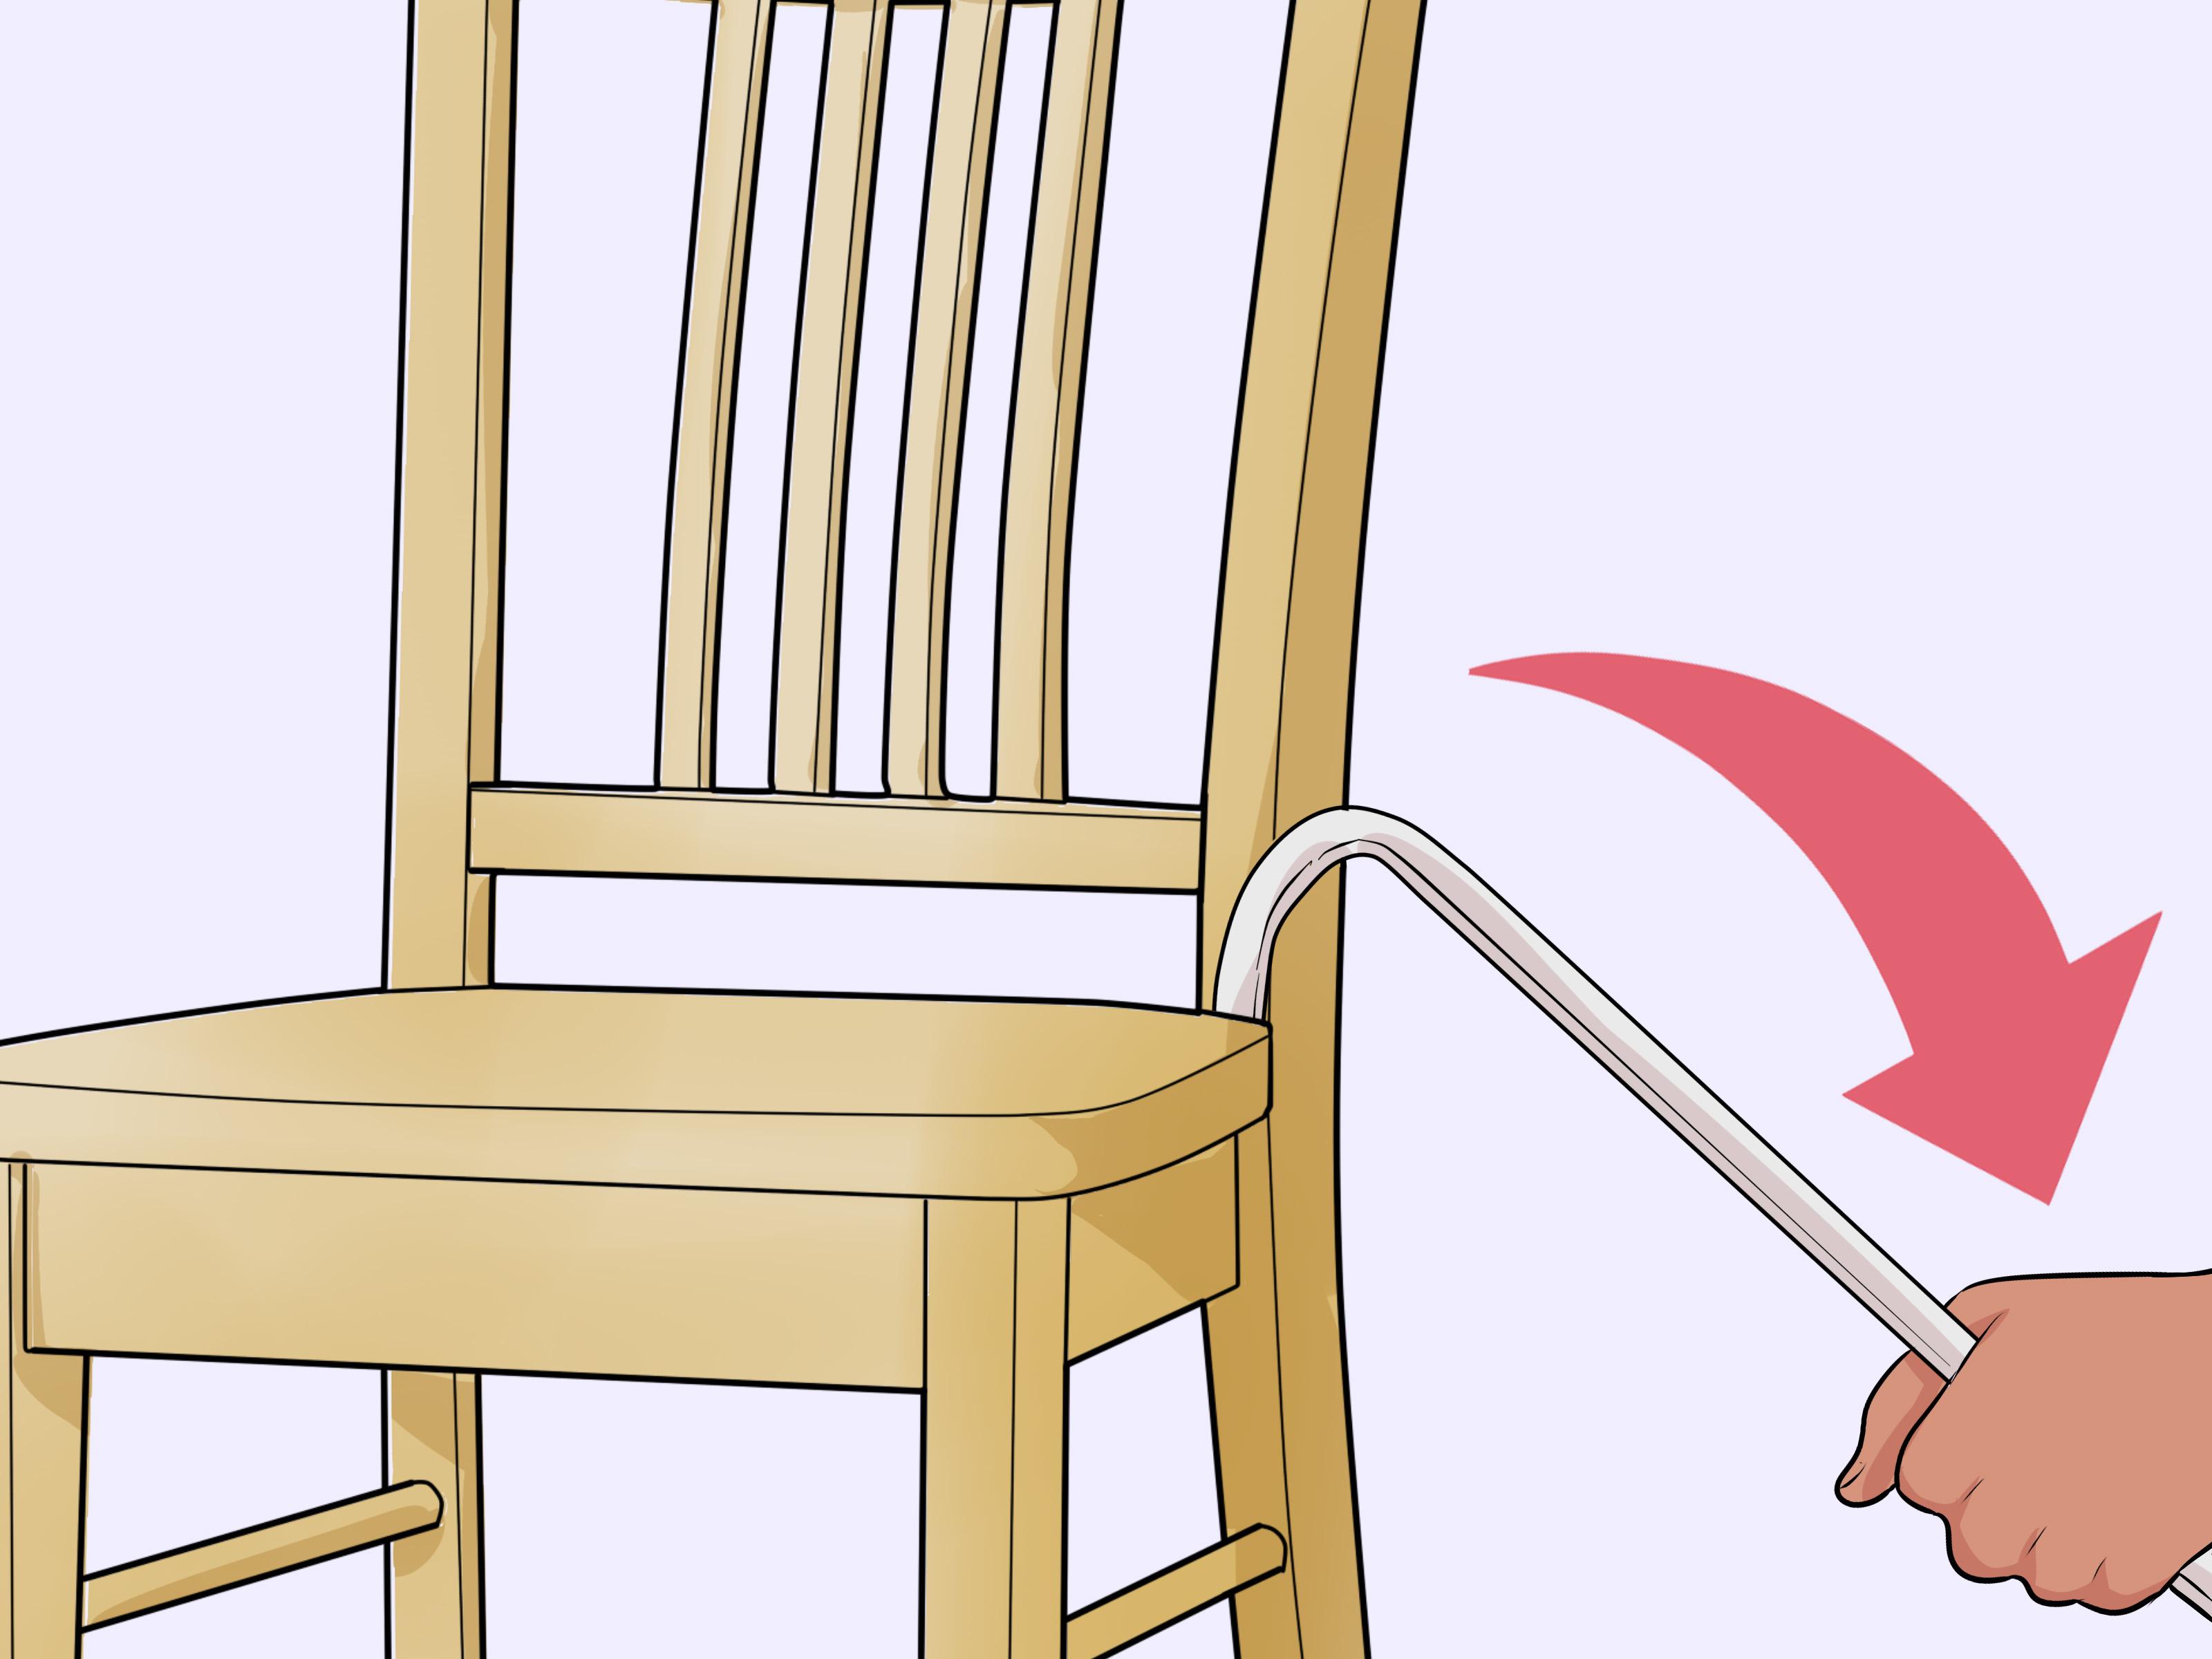 ways to a. Break clipart broken wood